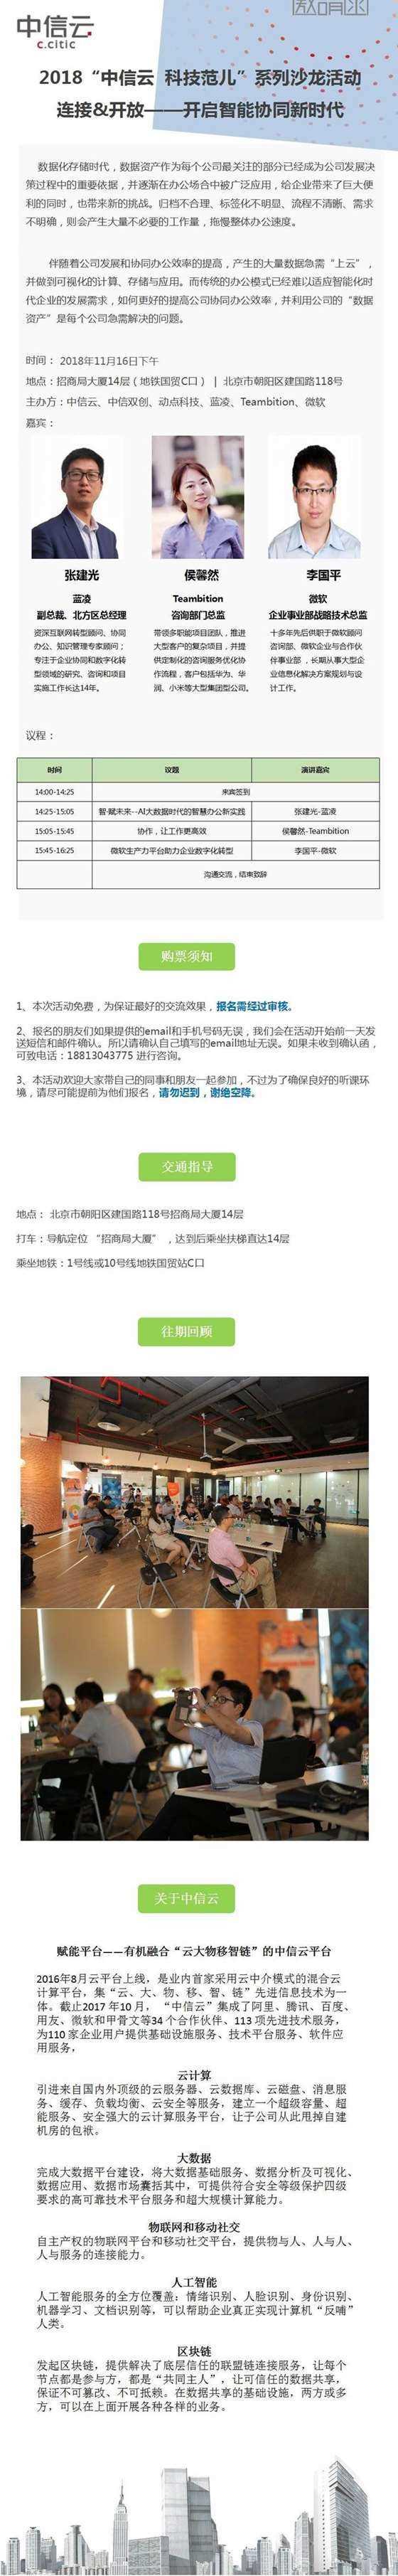 中信云沙龙邀请函第三期V1.png